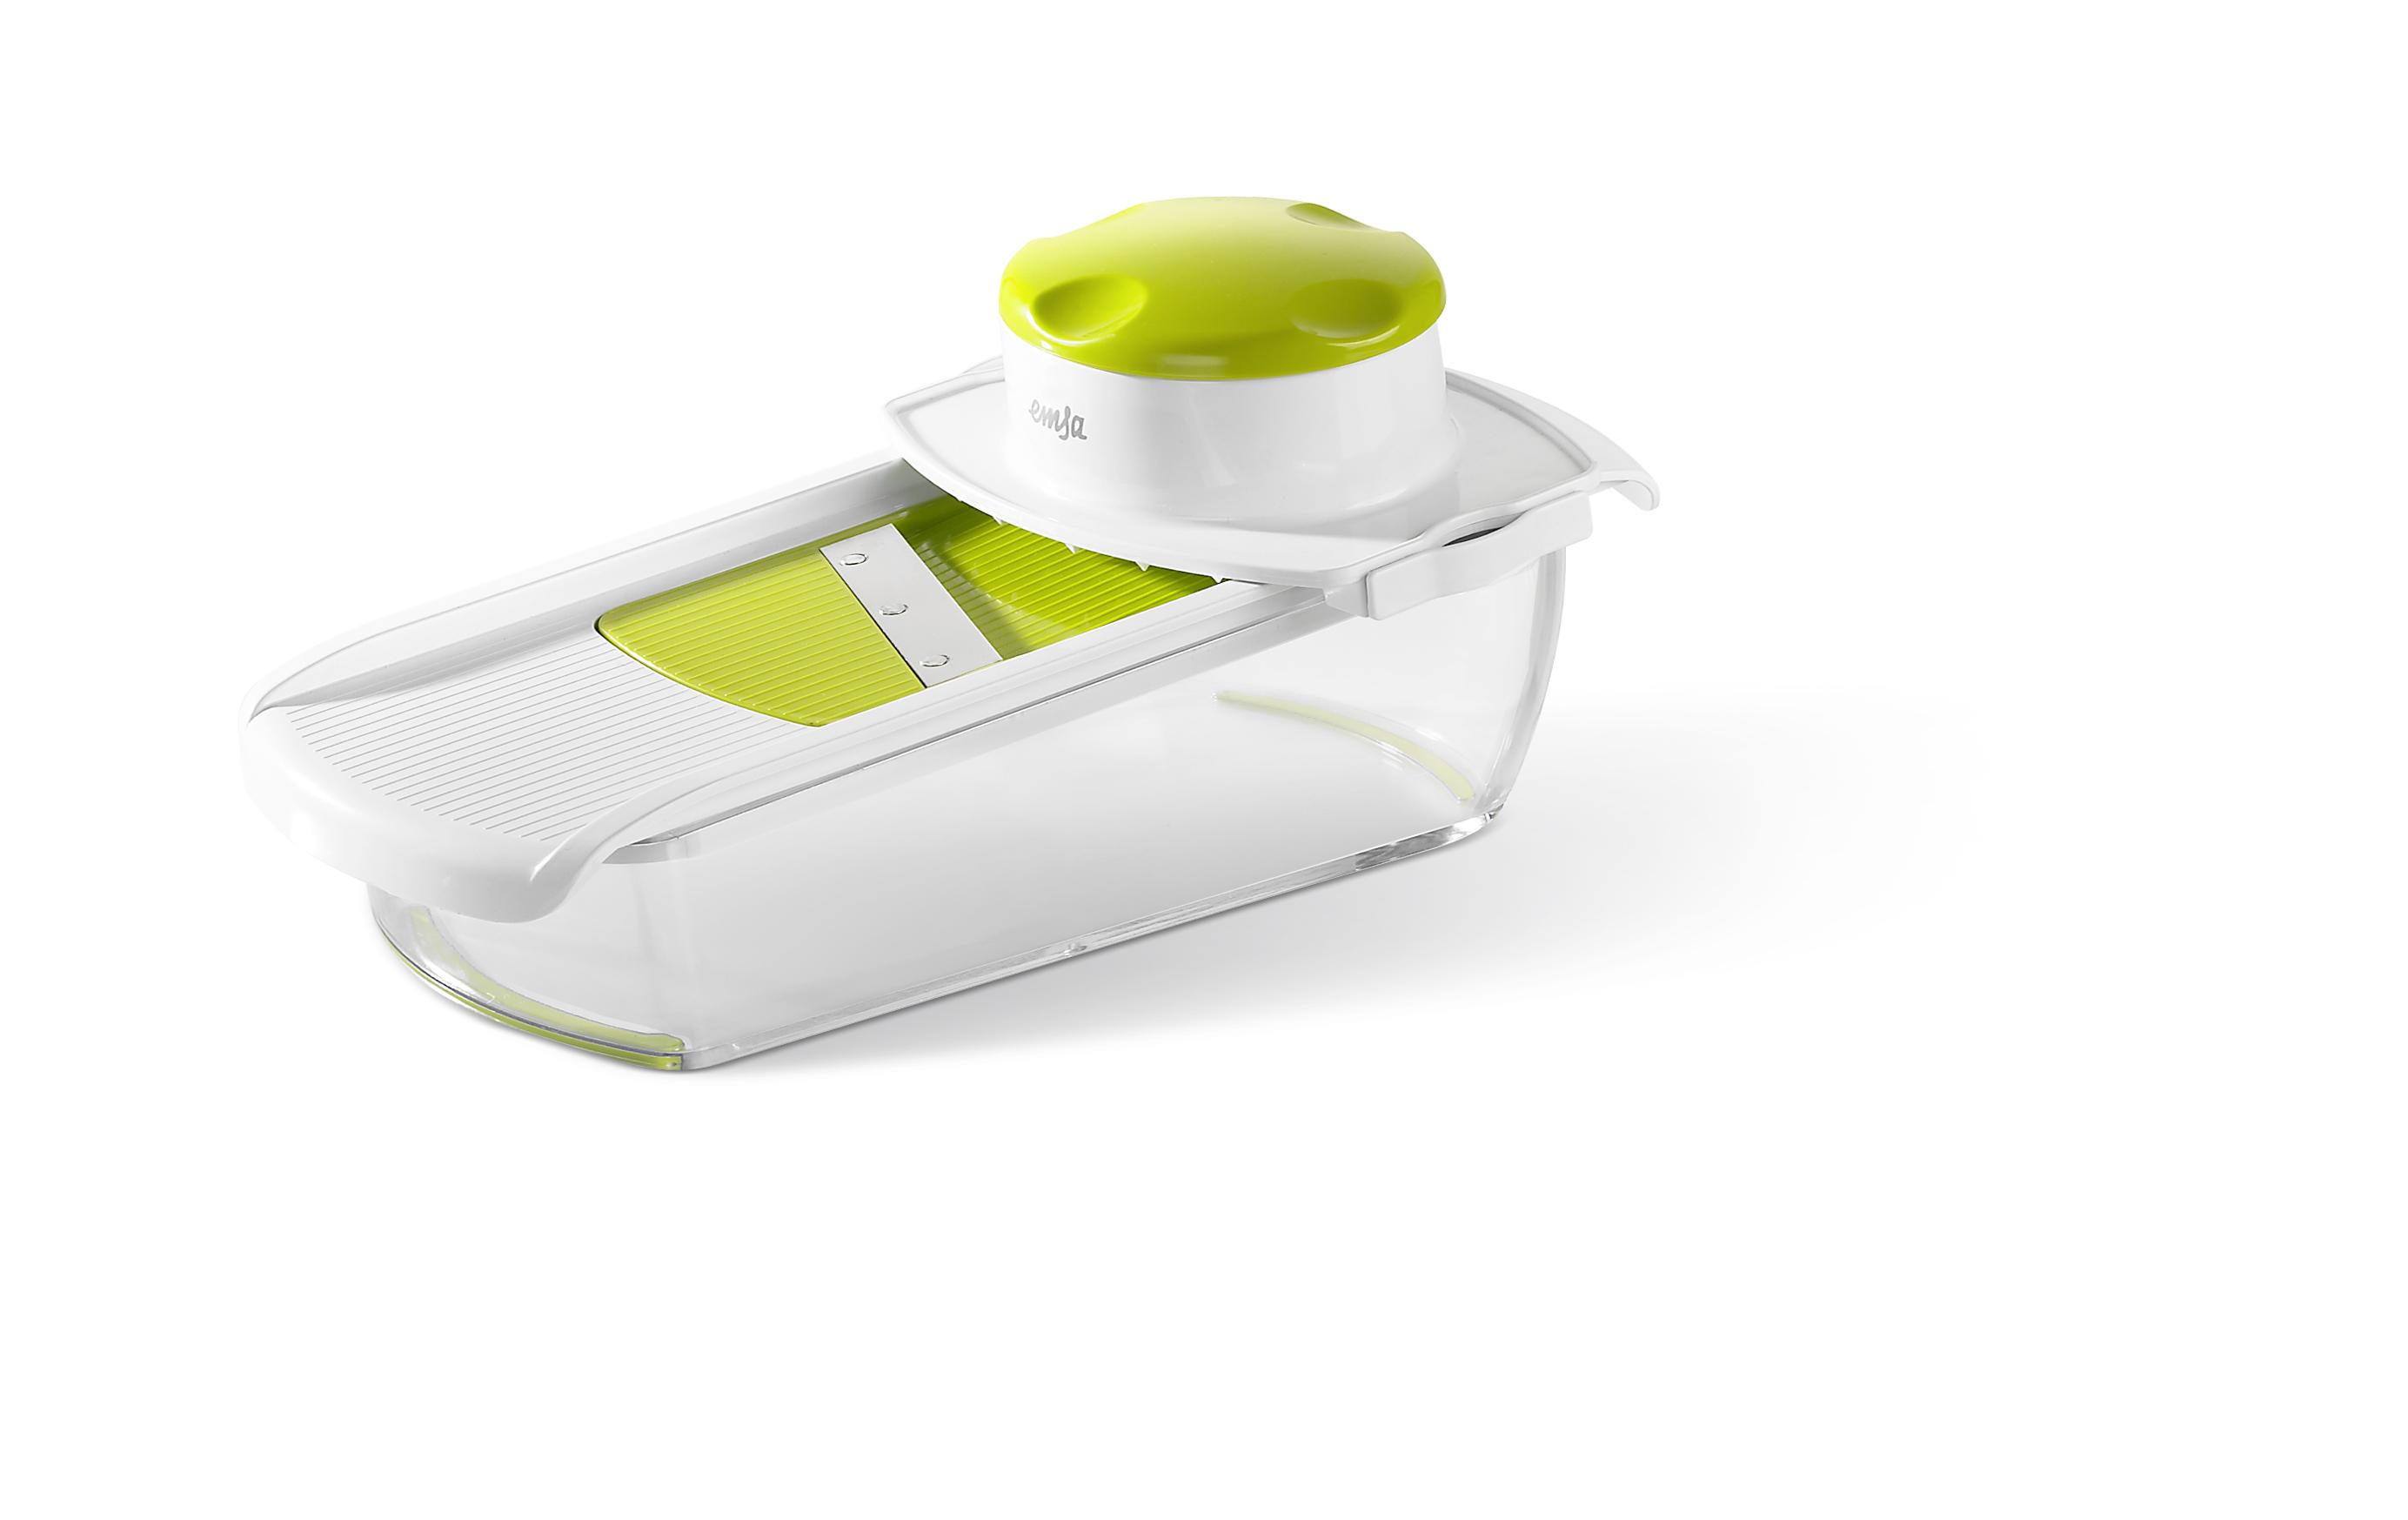 EMSA Multifunkční struhadlo s s dózou Smart Kitchen Emsa 507267